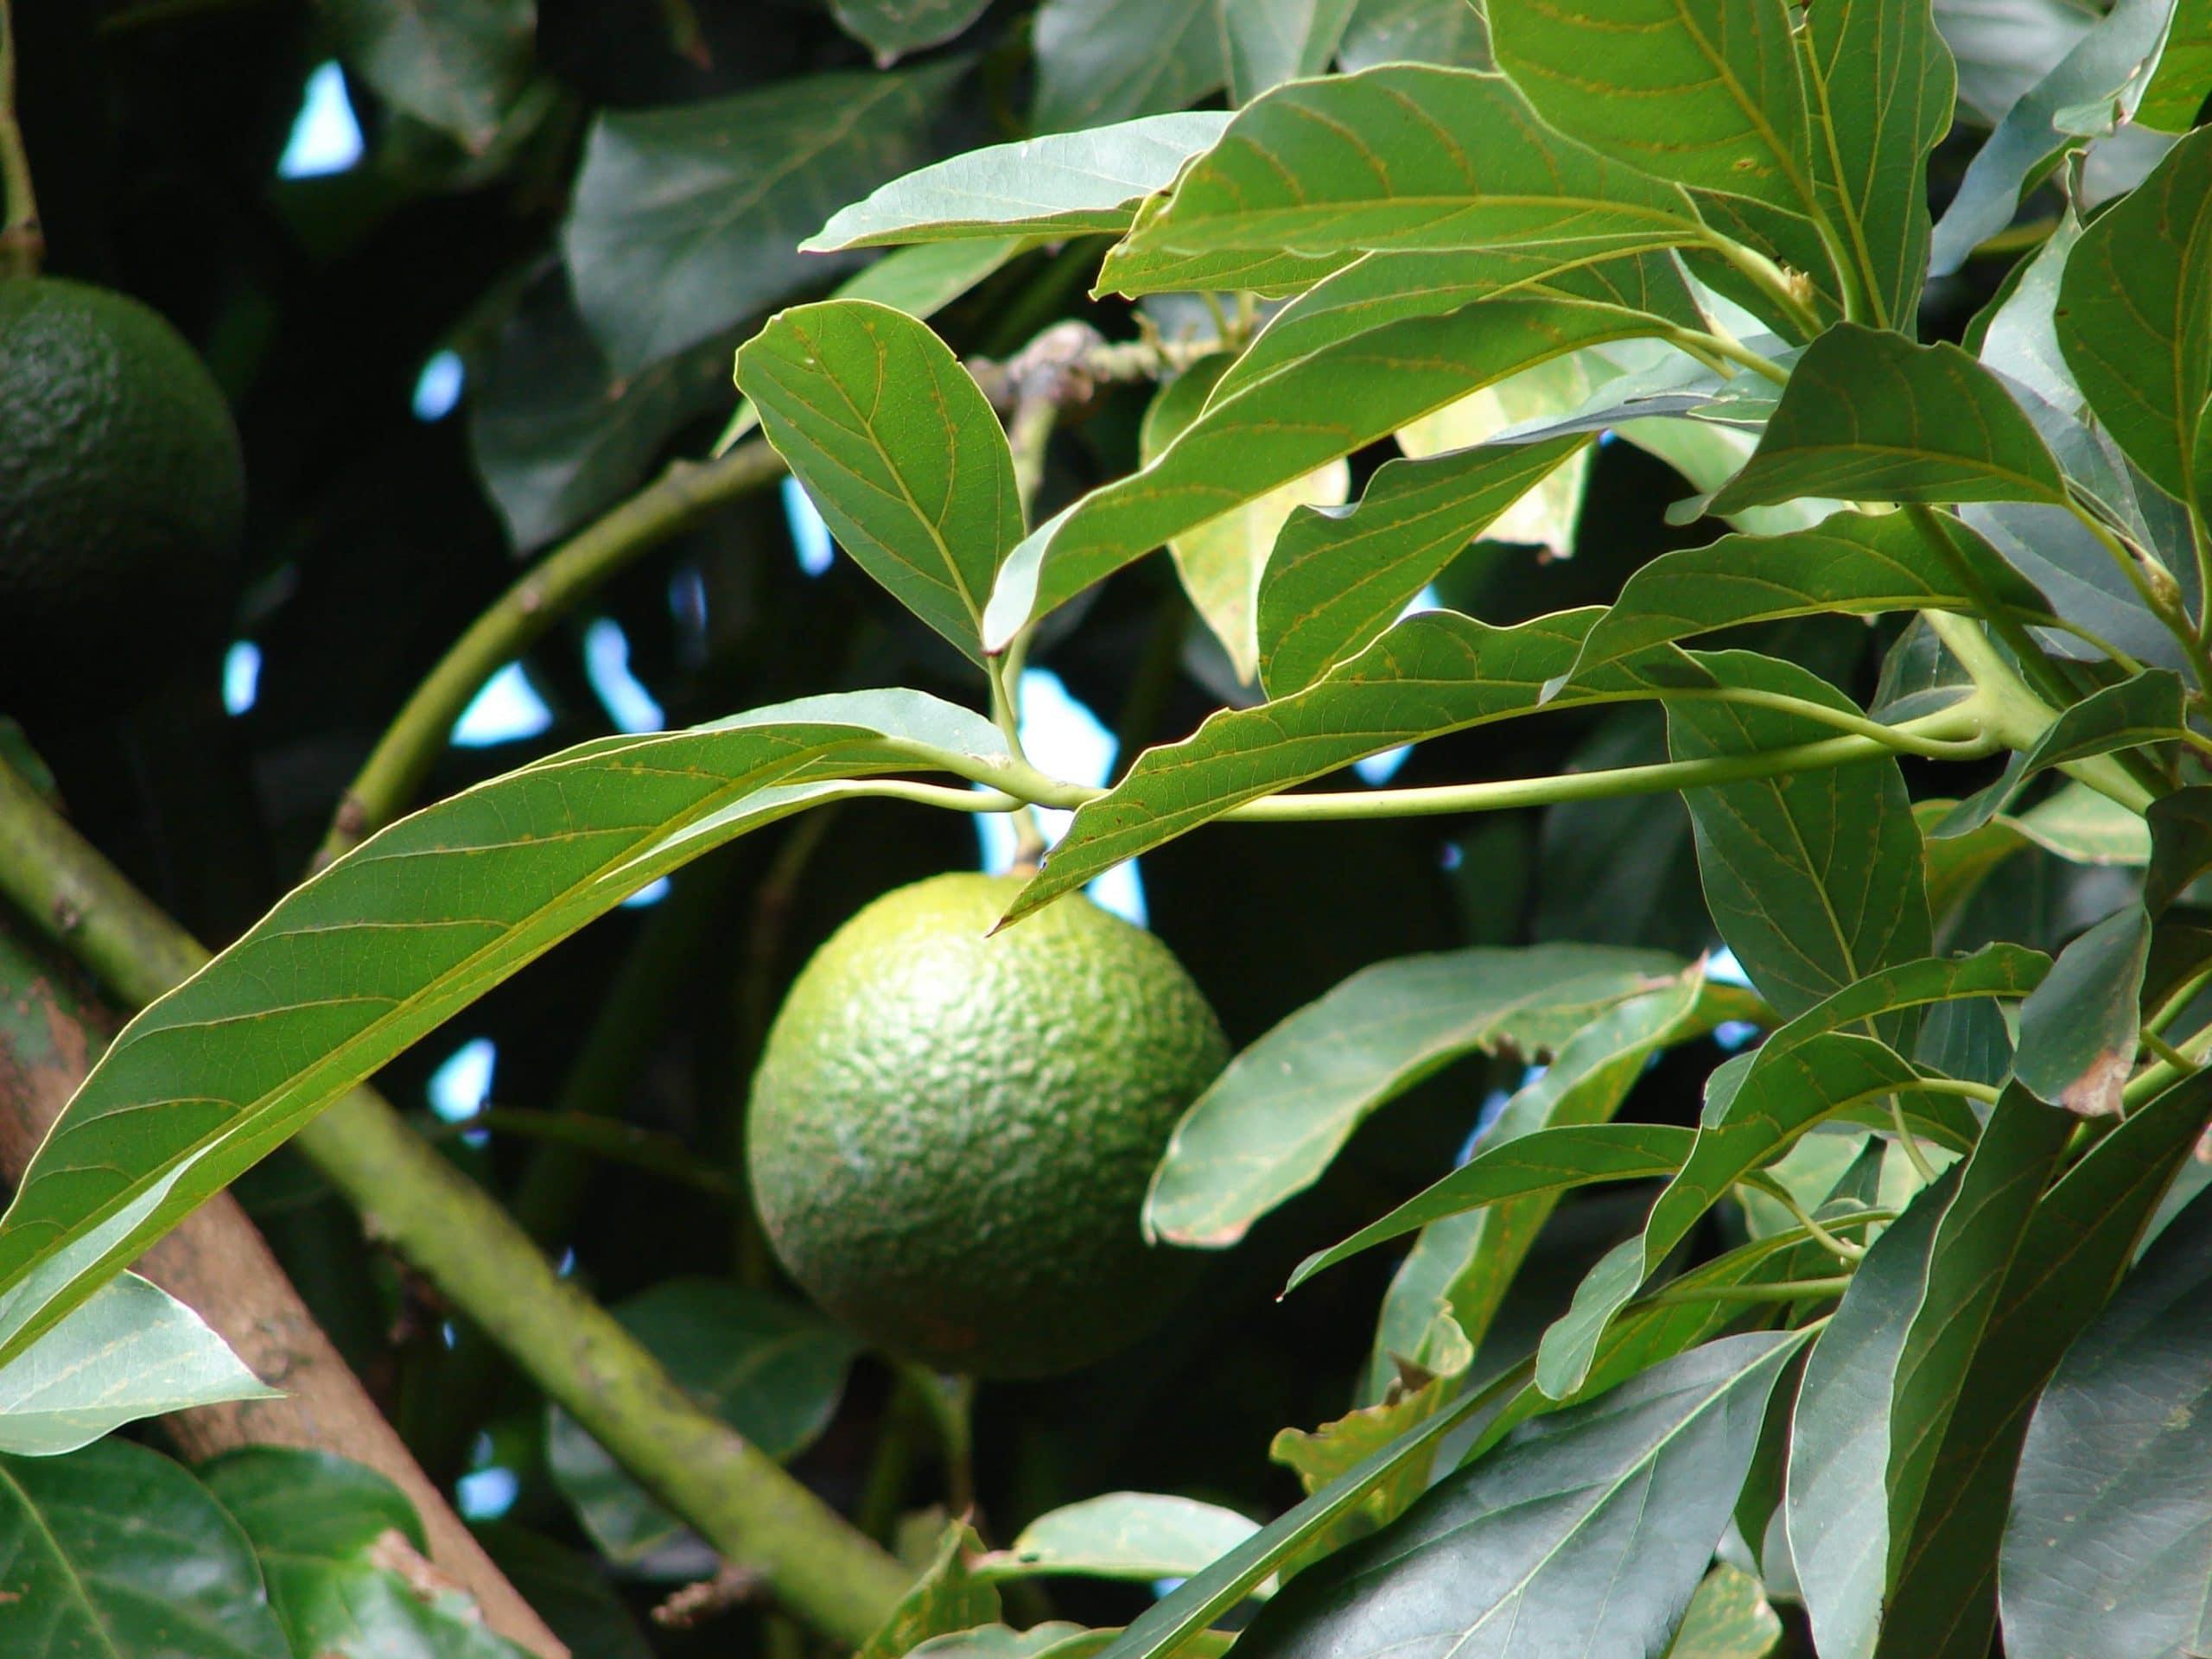 Hojas y fruto de Persea americana